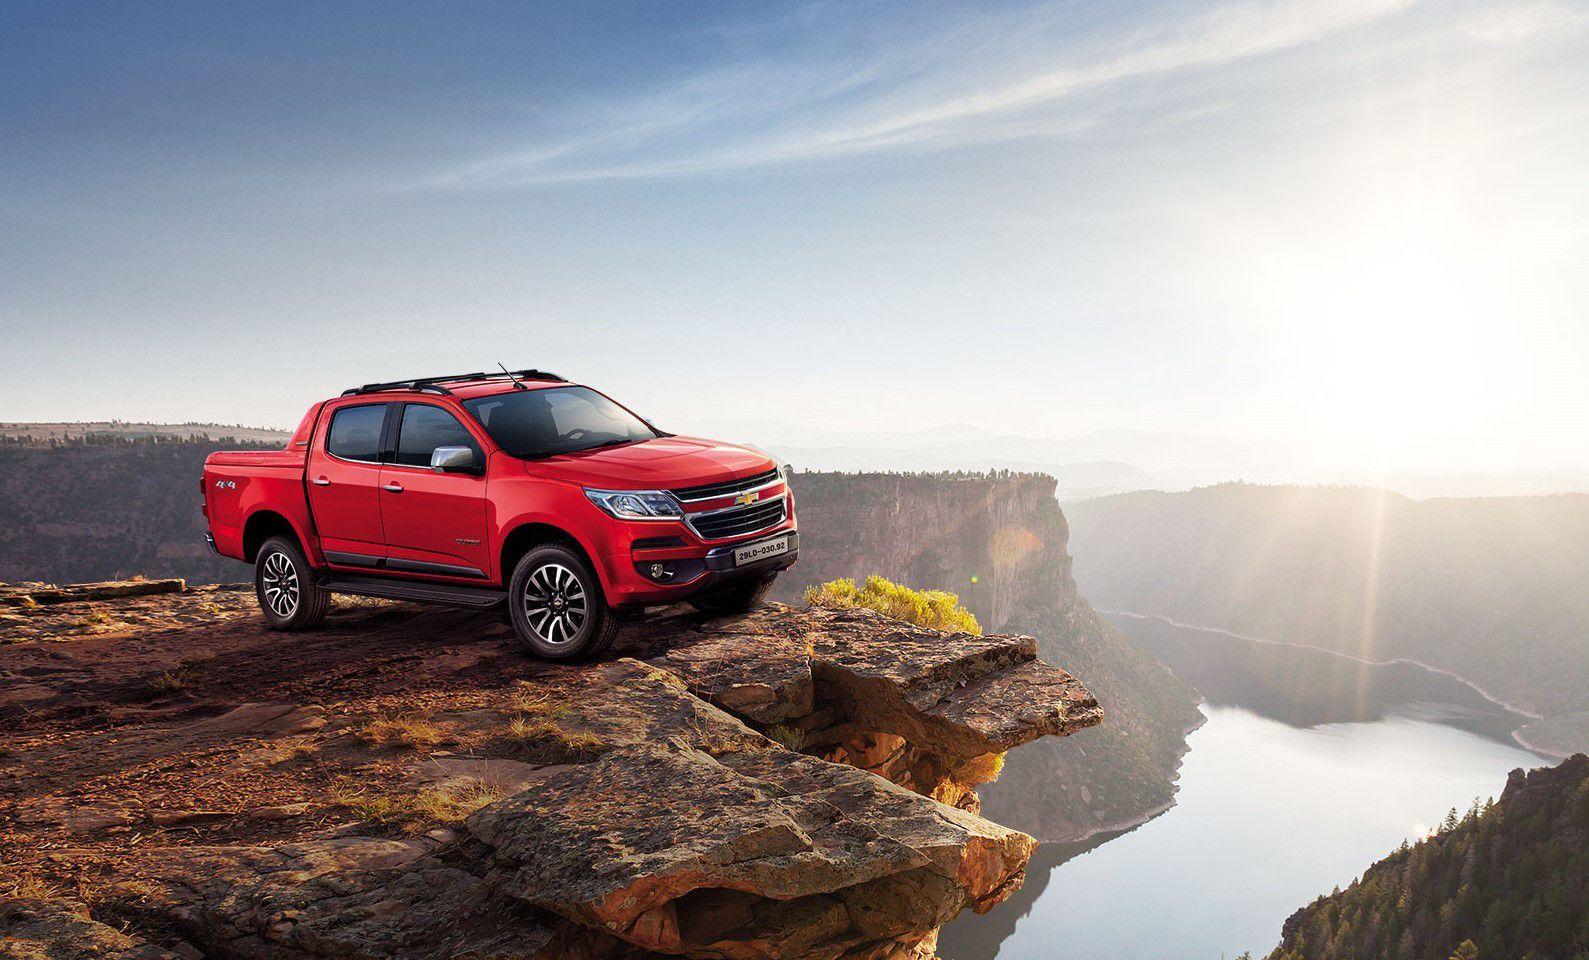 Cuộc sống số - Chevrolet Trailblazer và Colorado - bộ đôi SUV và bán tải sáng giá